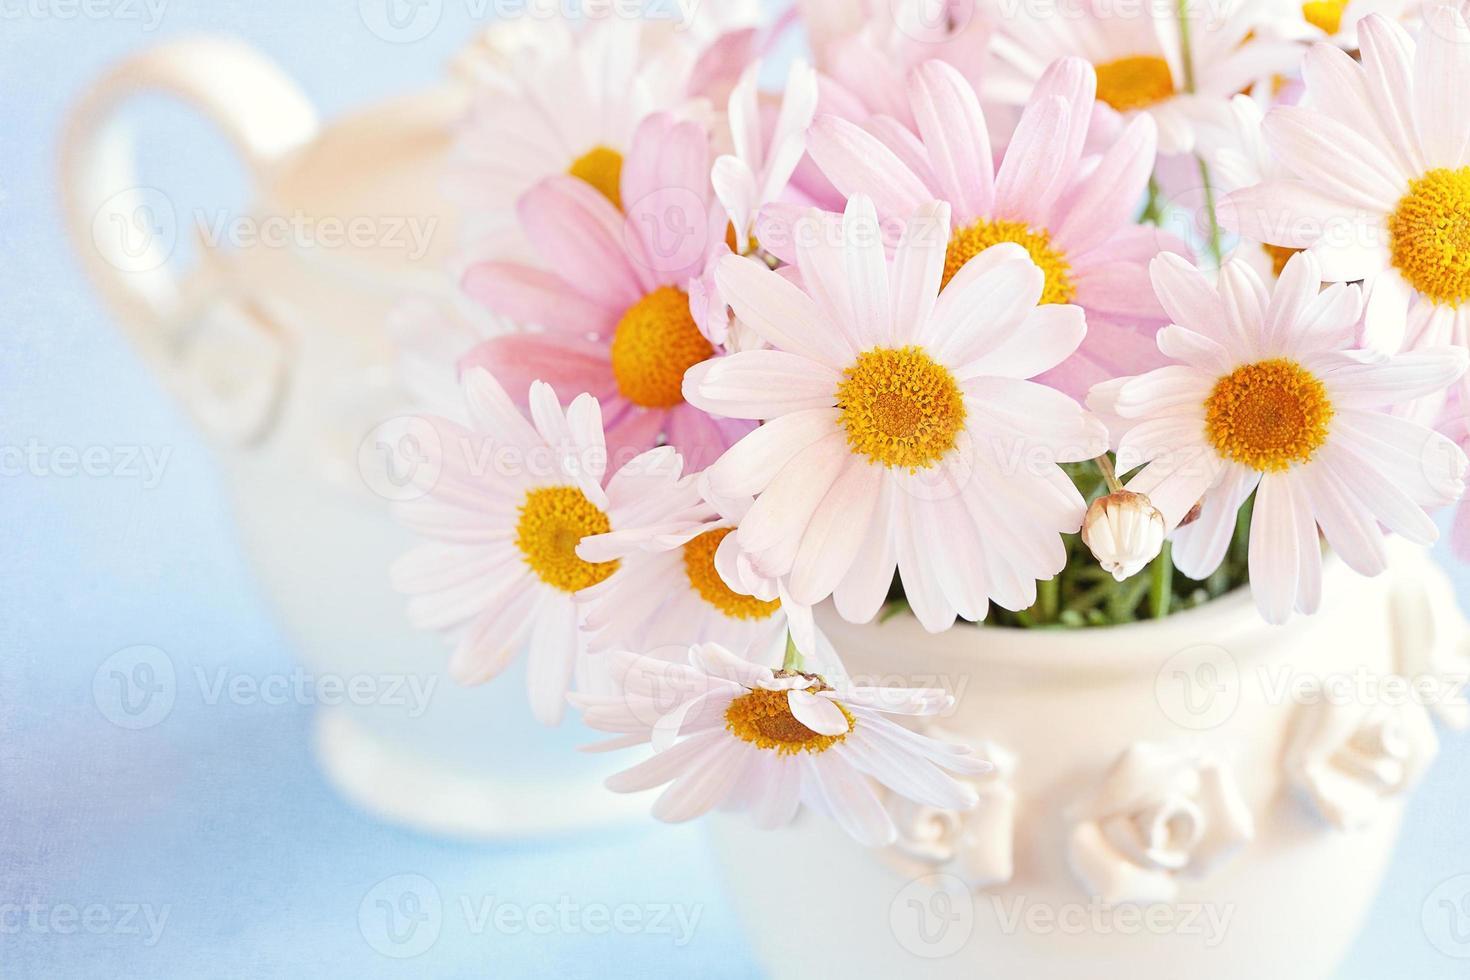 fiori di margherite foto